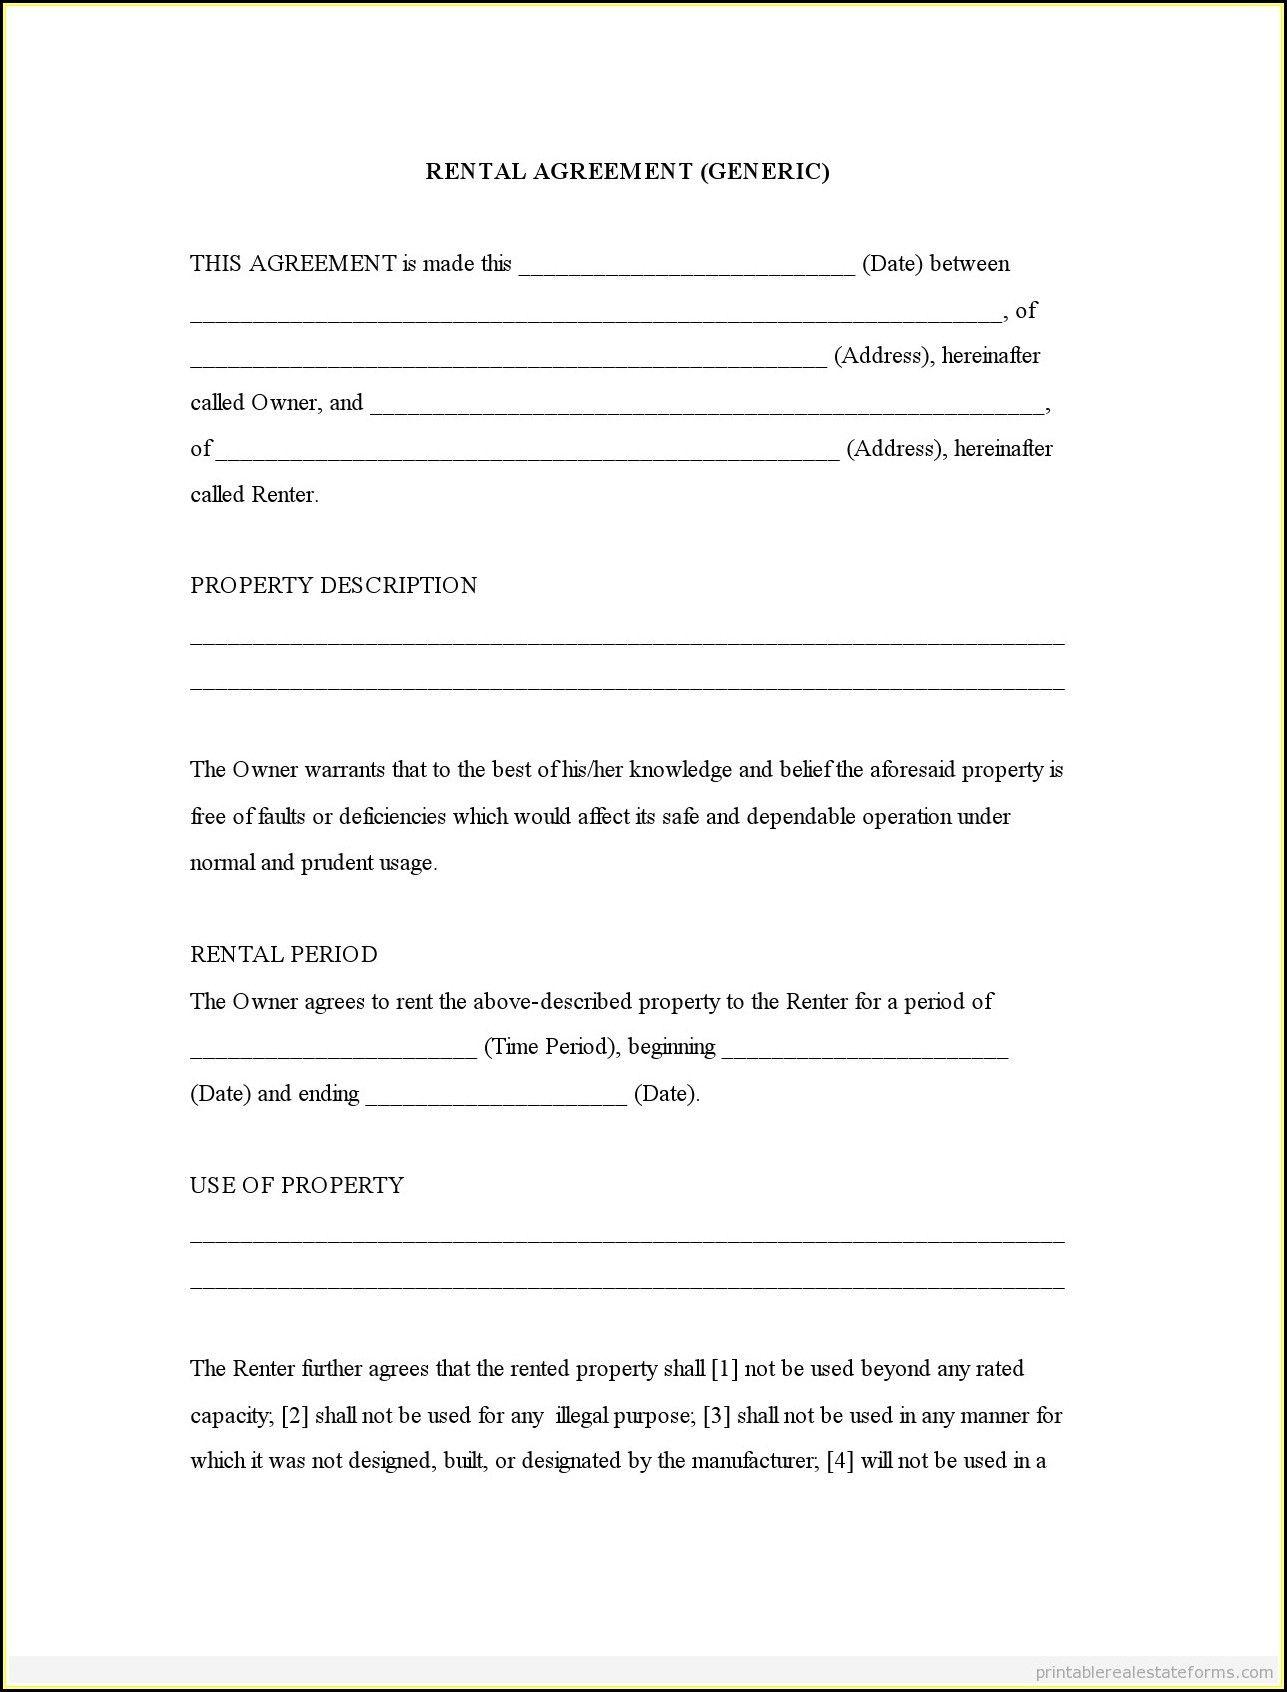 Unique Rental Application Form Free Xls Xlsformat Xlstemplates Xlstemplate